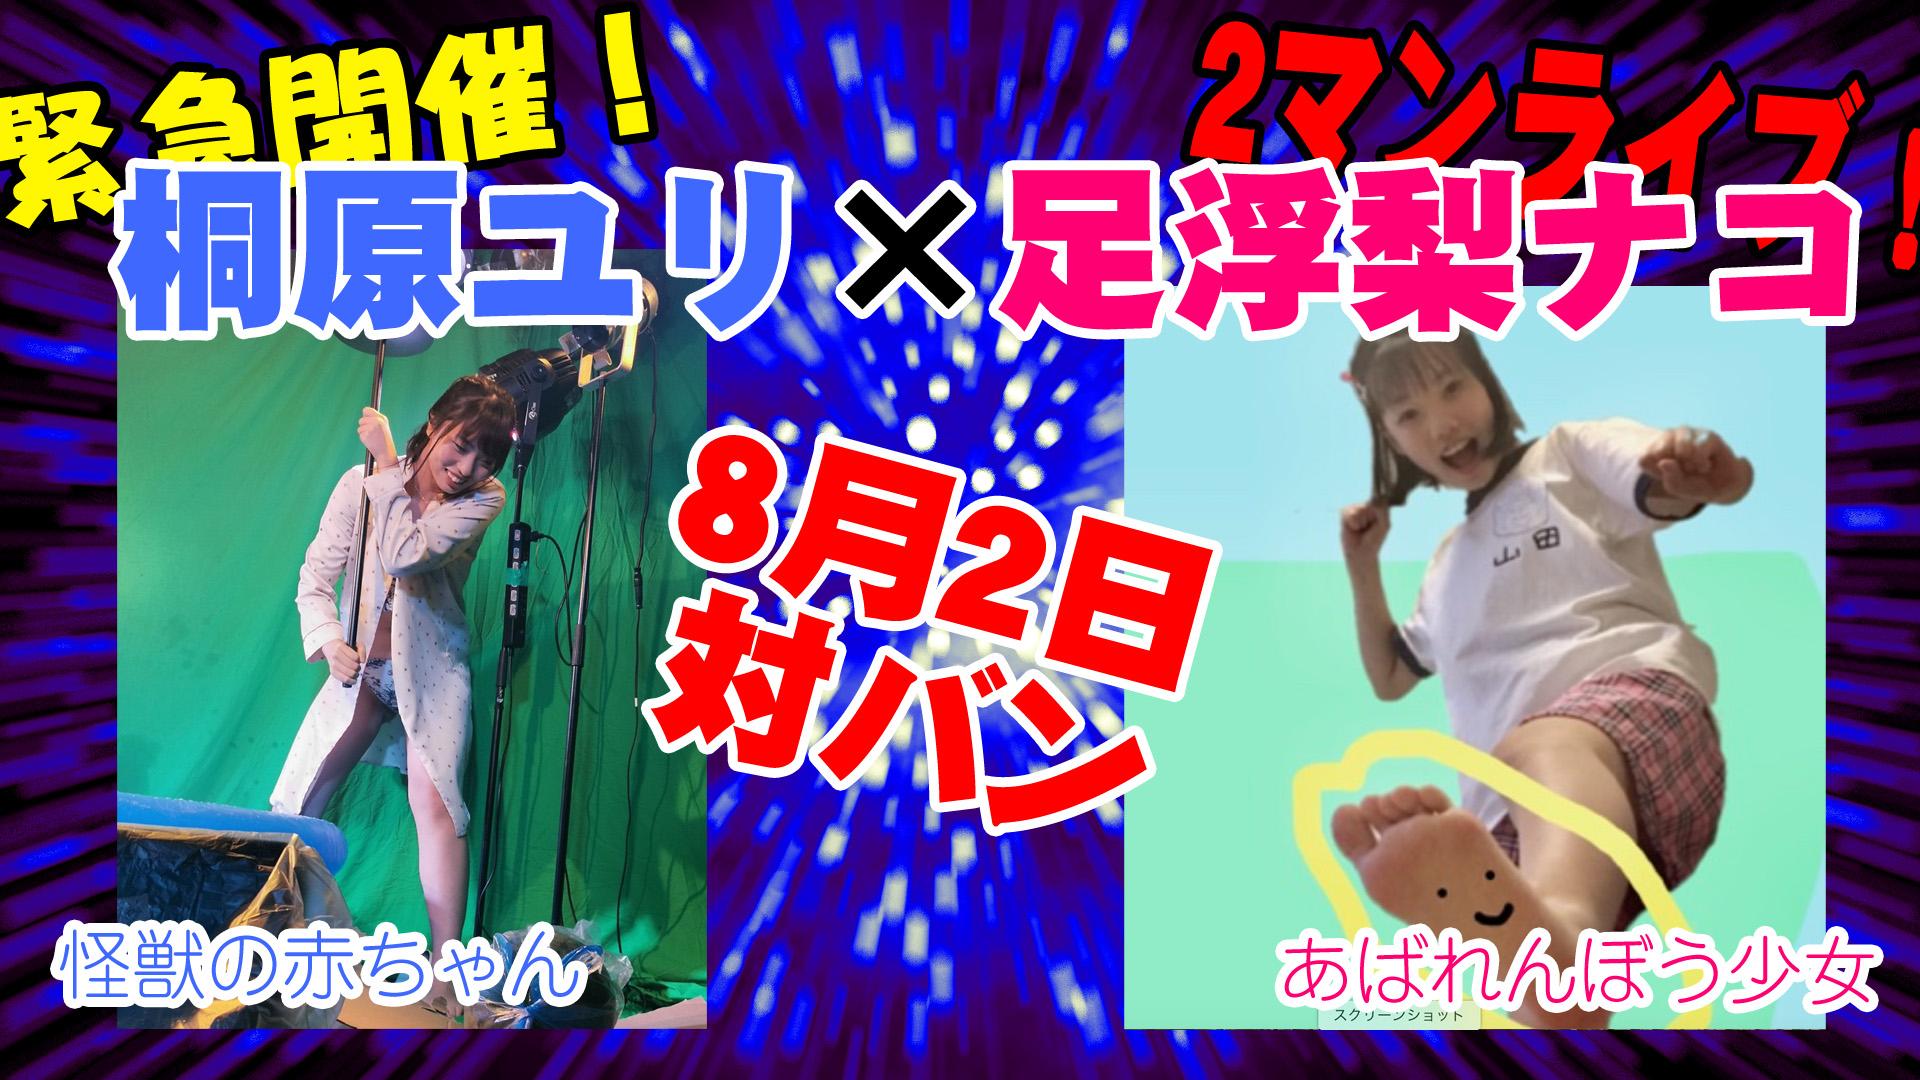 緊急開催!まんぼう(桐原ユリ)×足浮梨ナコ2マンライブ!